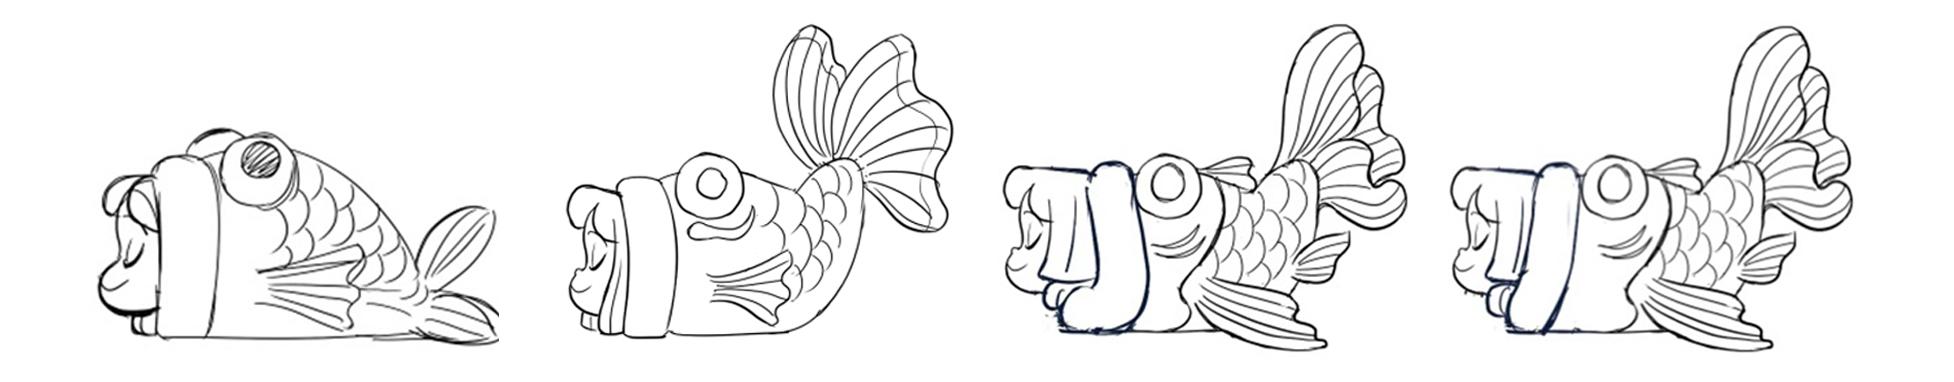 设计开发过程-草图设计1.jpg